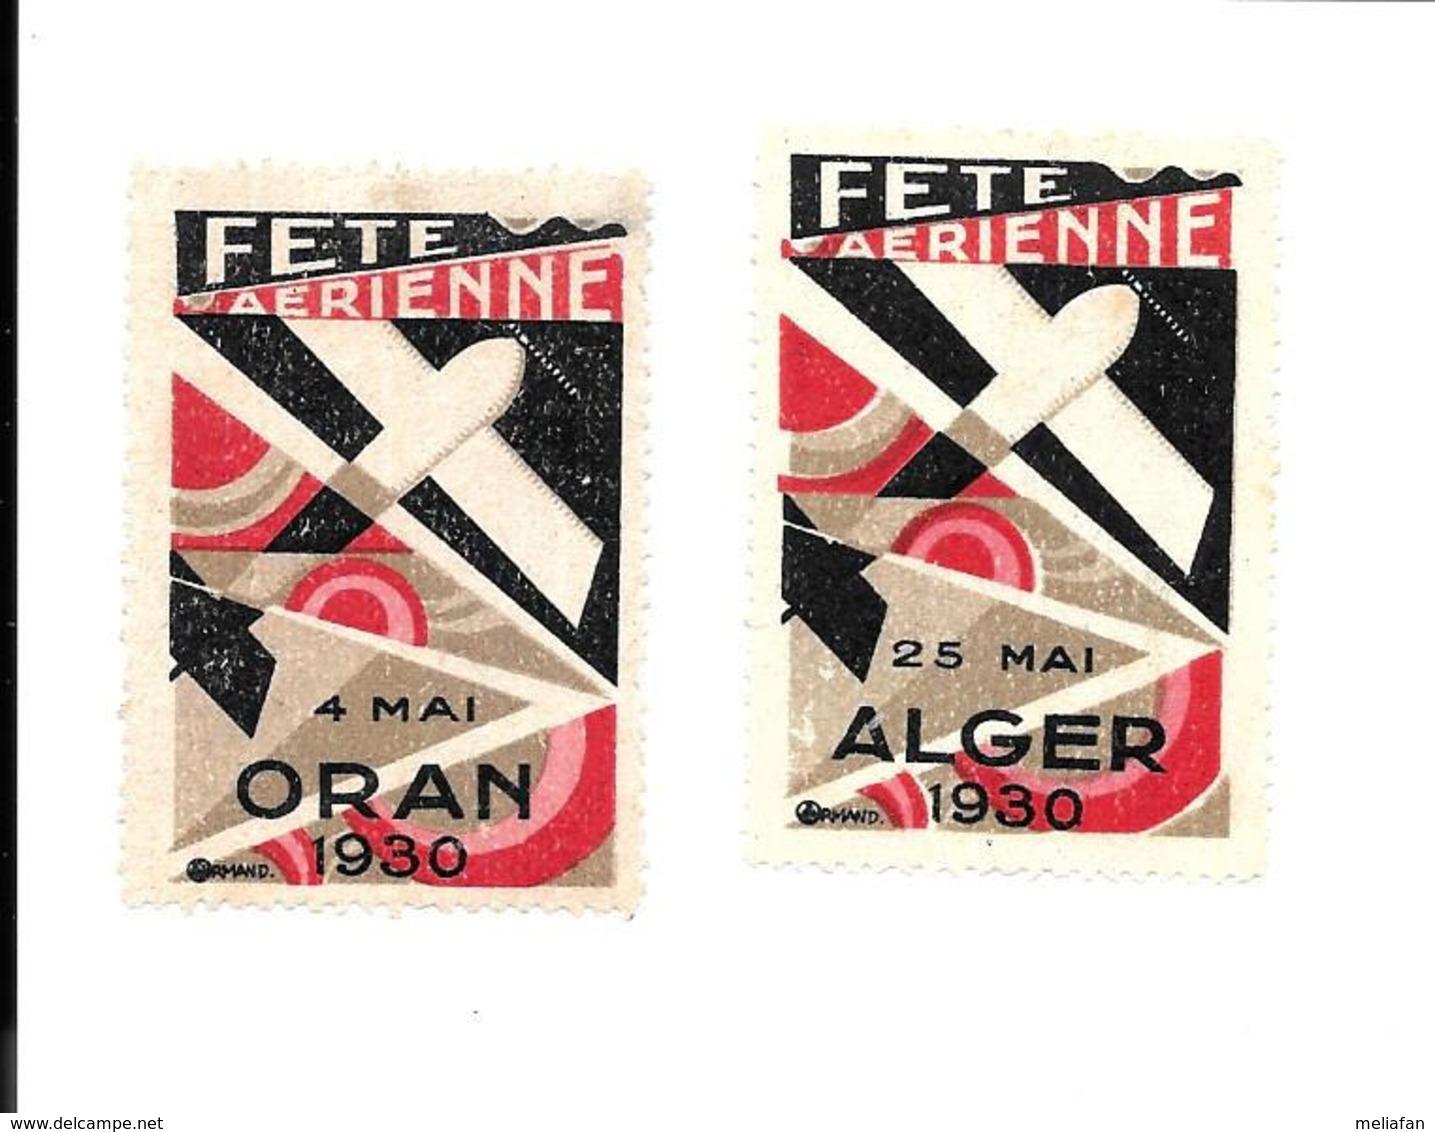 KB614 - FETE AERIENNE ALGER 1930 - Erinnophilie